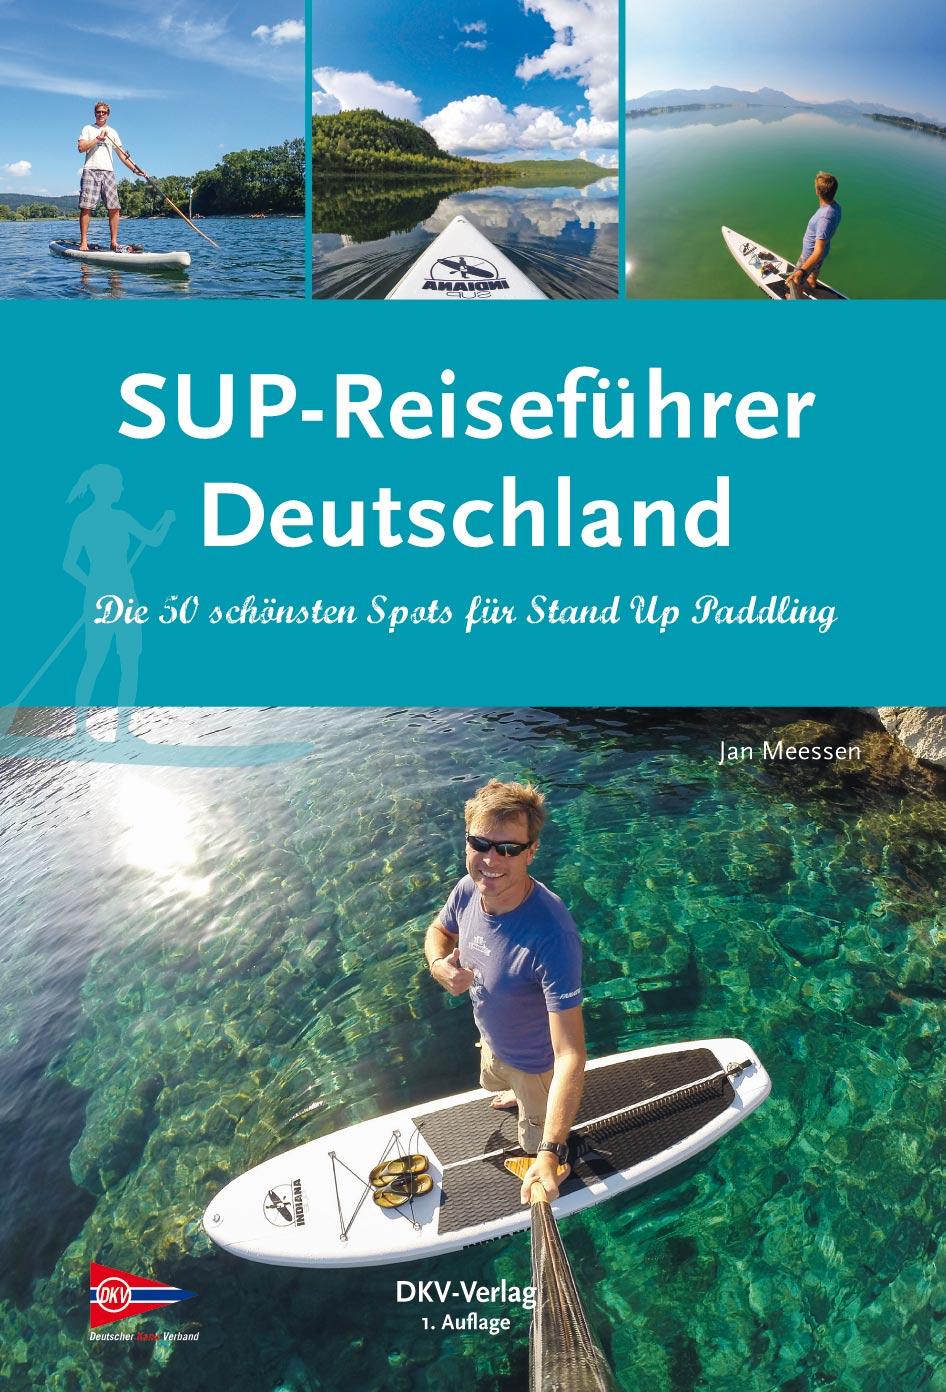 SUP Touren Deutschland - Jan Meeßen